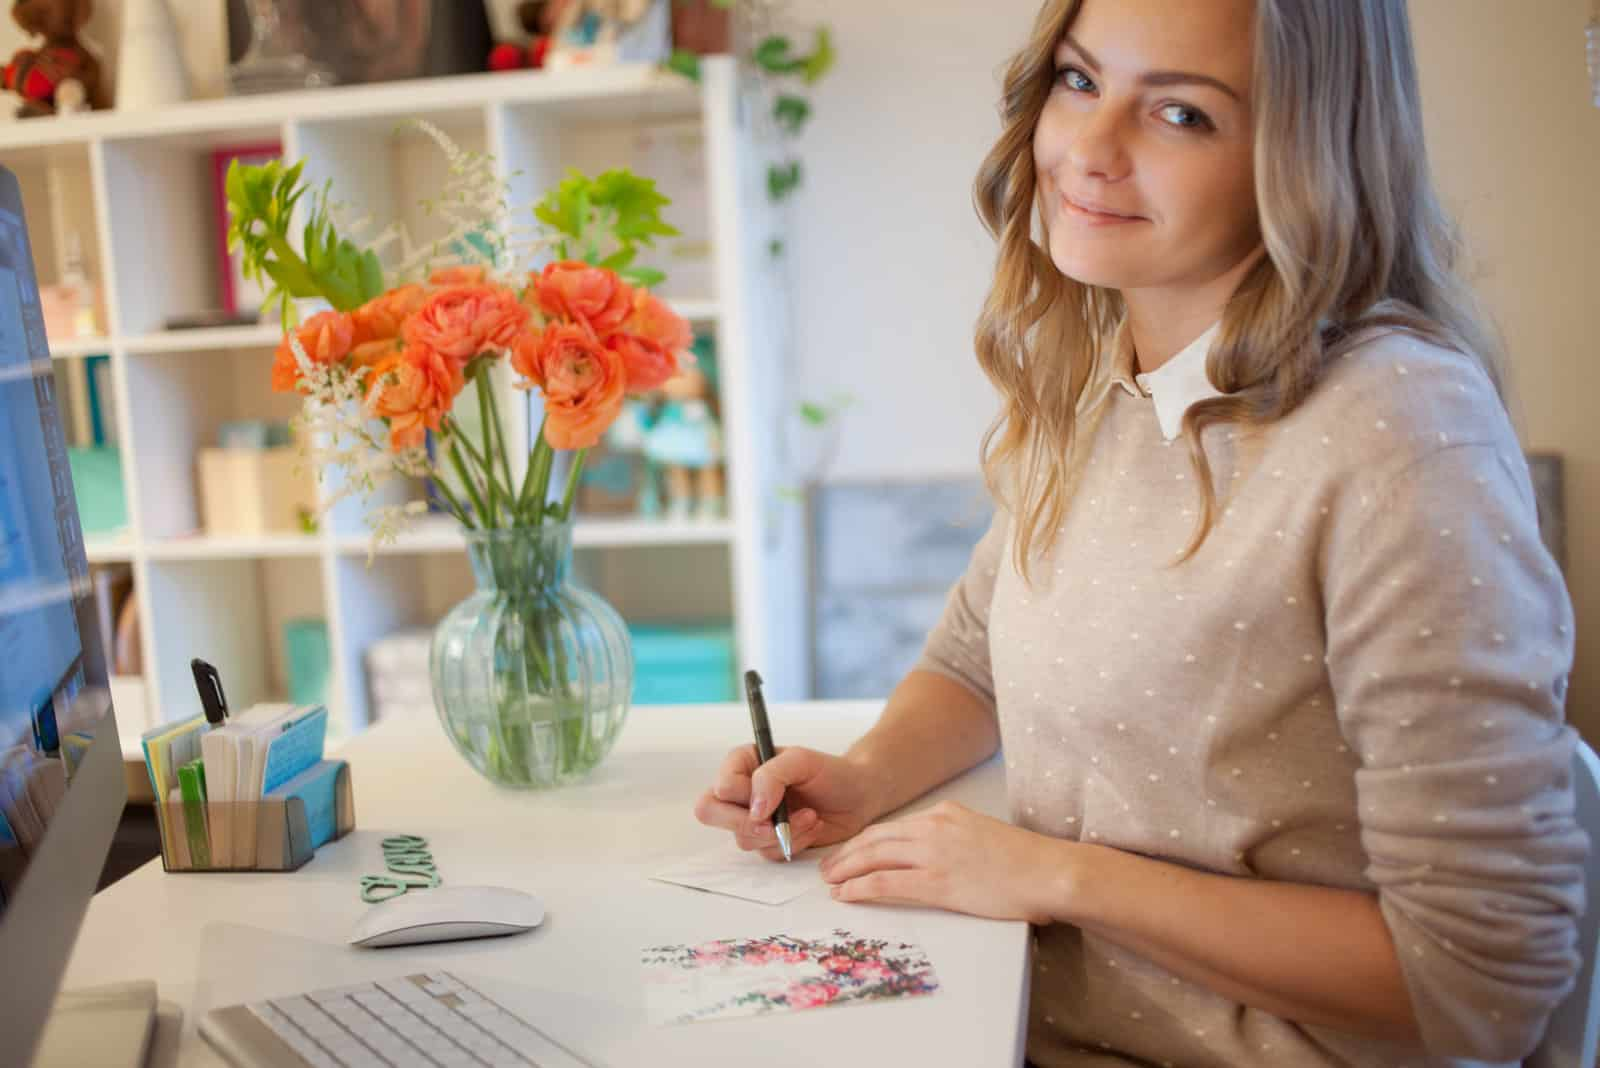 Eine schöne blonde Frau sitzt und schreibt eine Grußkarte